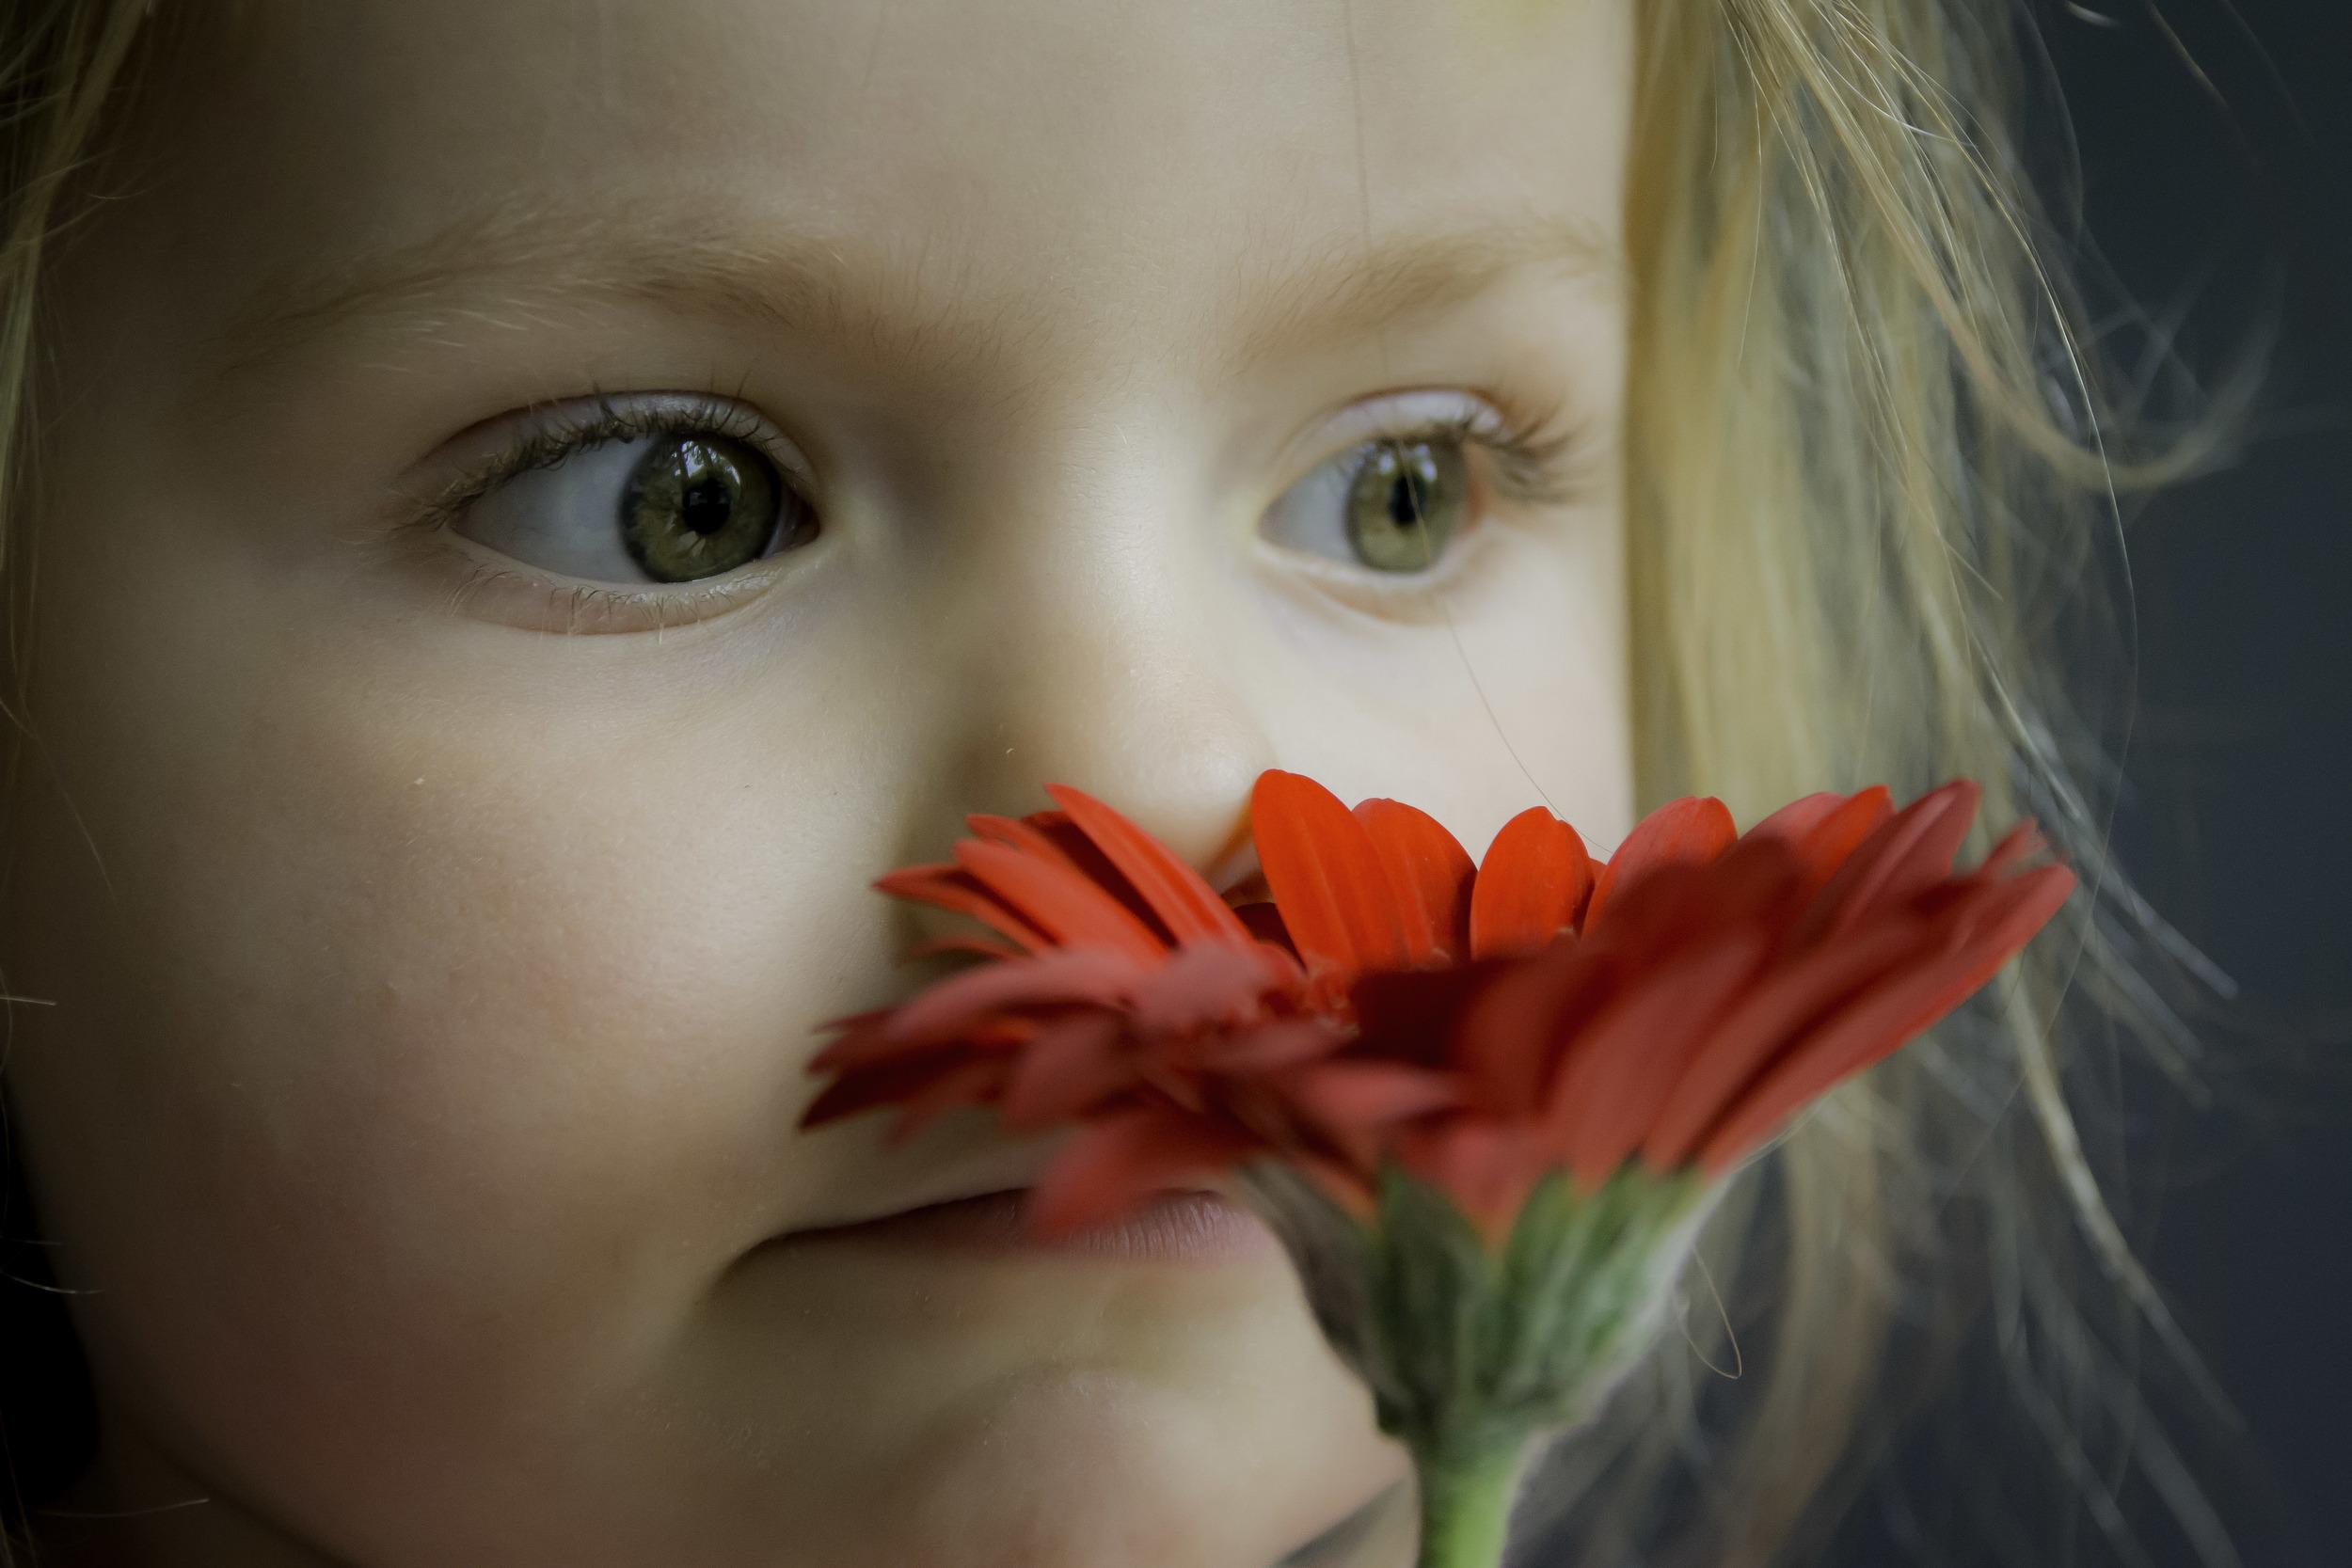 Met een rode bloem in de hand naar buiten dromen.